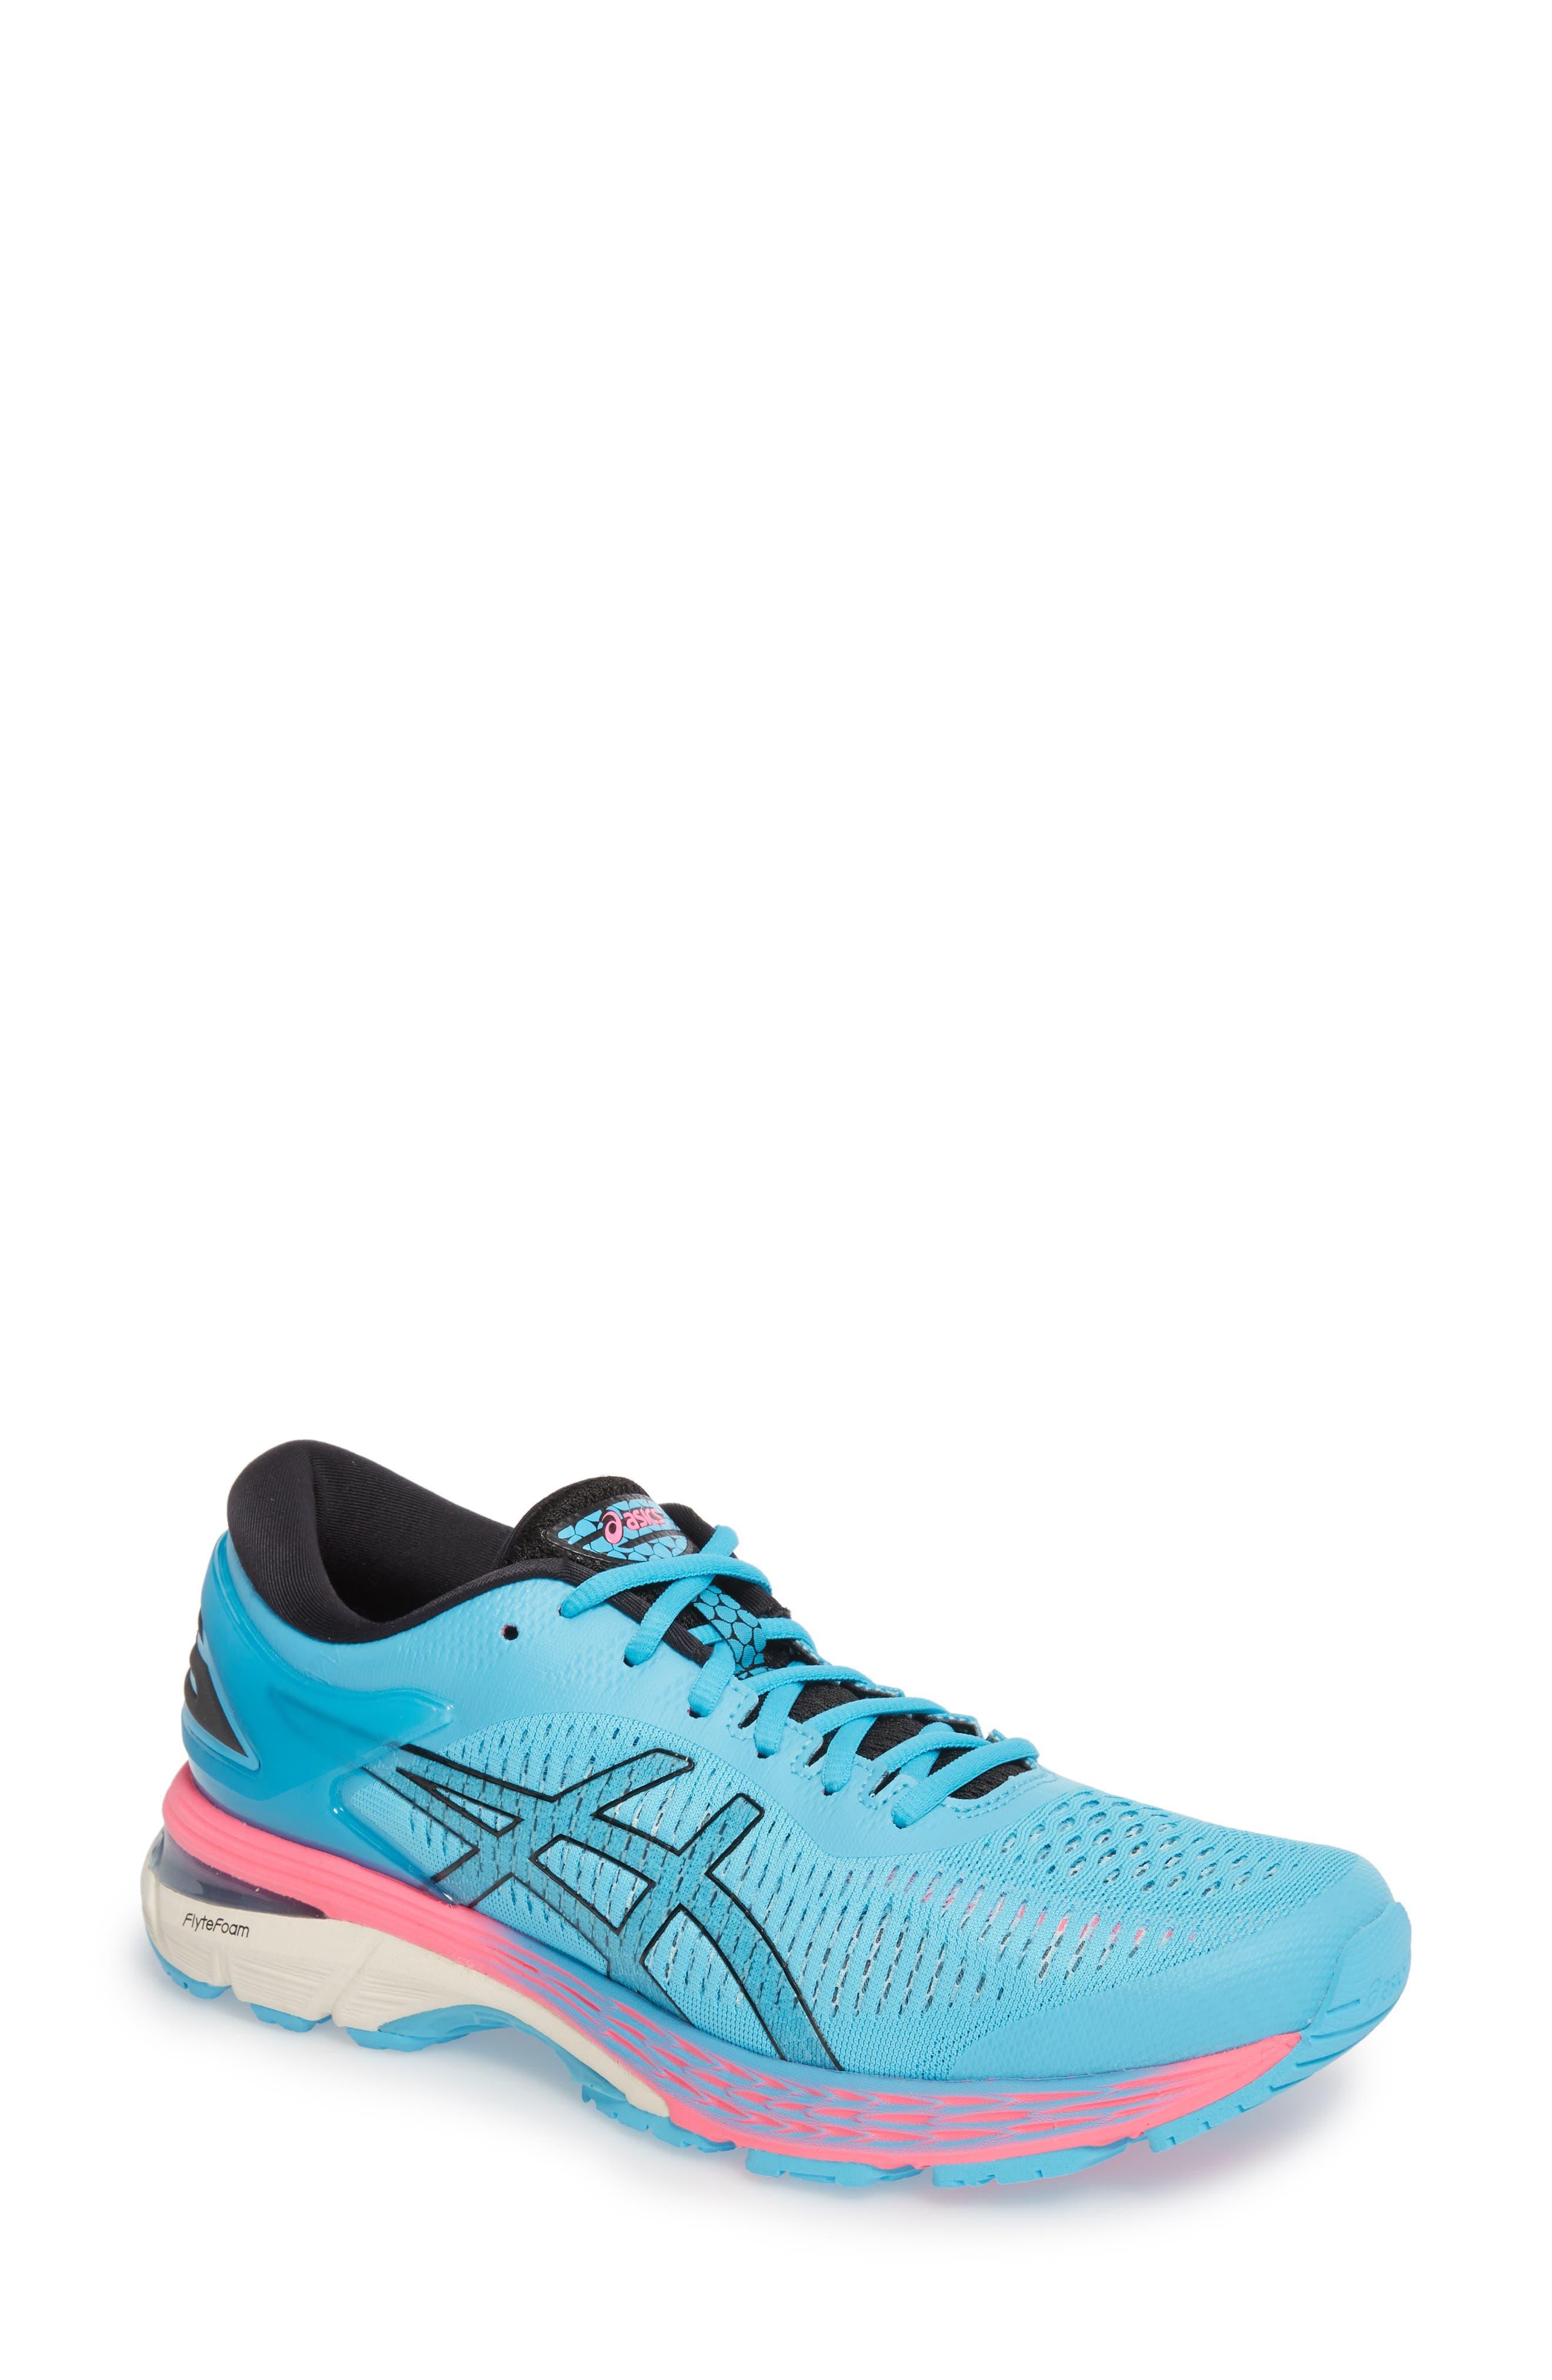 GEL-Kayano<sup>®</sup> 25 Running Shoe,                         Main,                         color, AQUARIUM/ BLACK